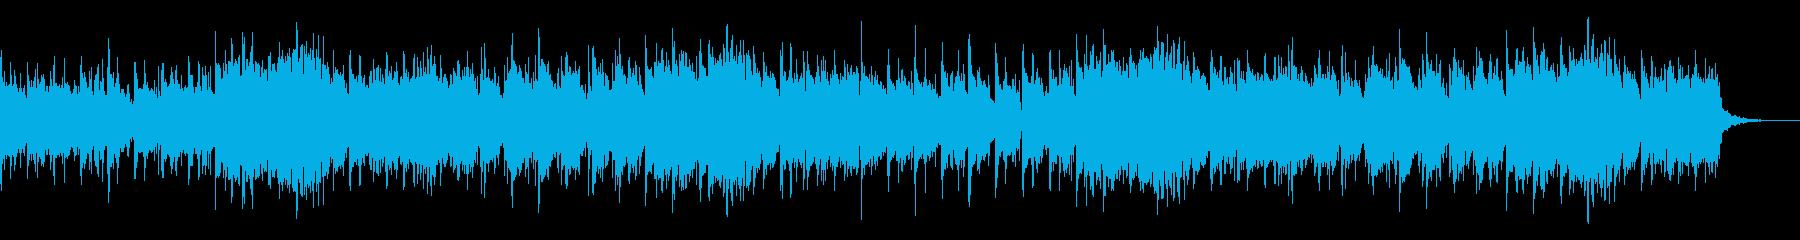 デジタルシネマティックなIDMの再生済みの波形